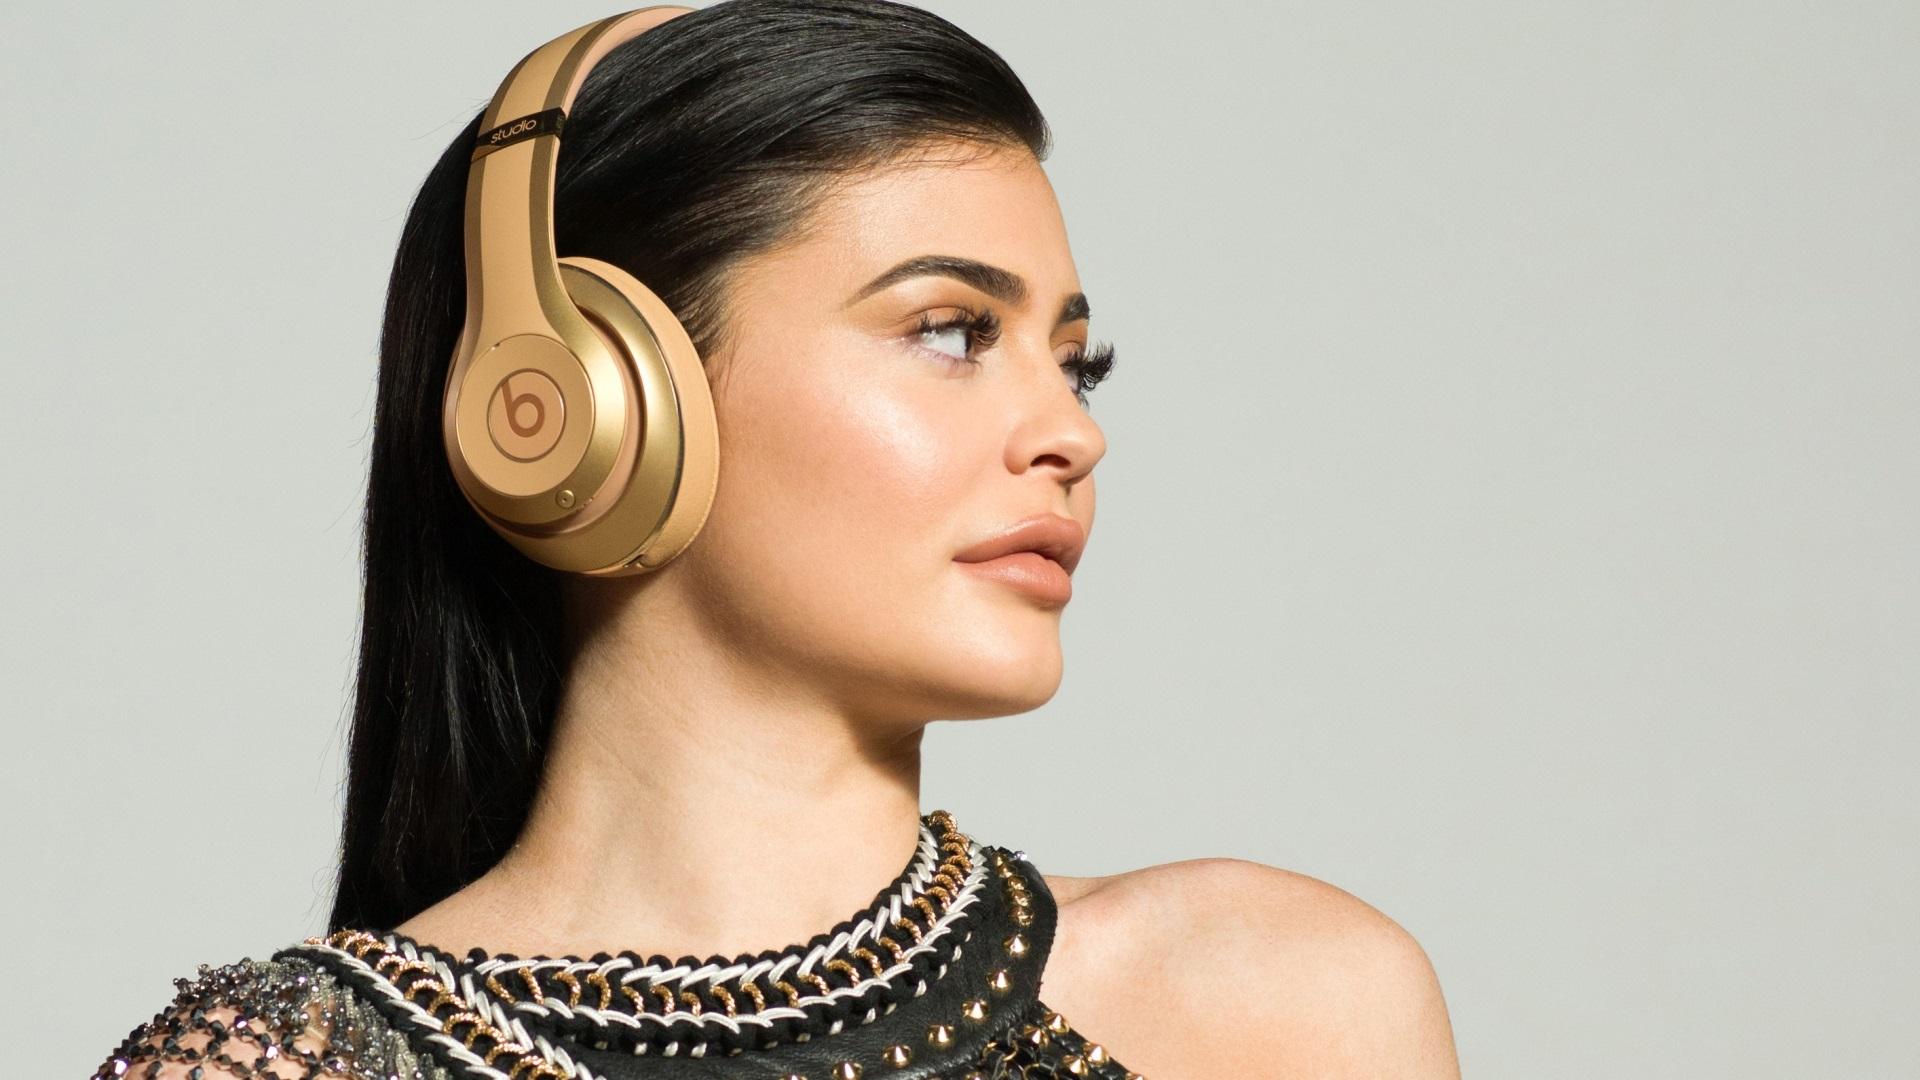 kylie jenner beats headphones wallpaper 63258